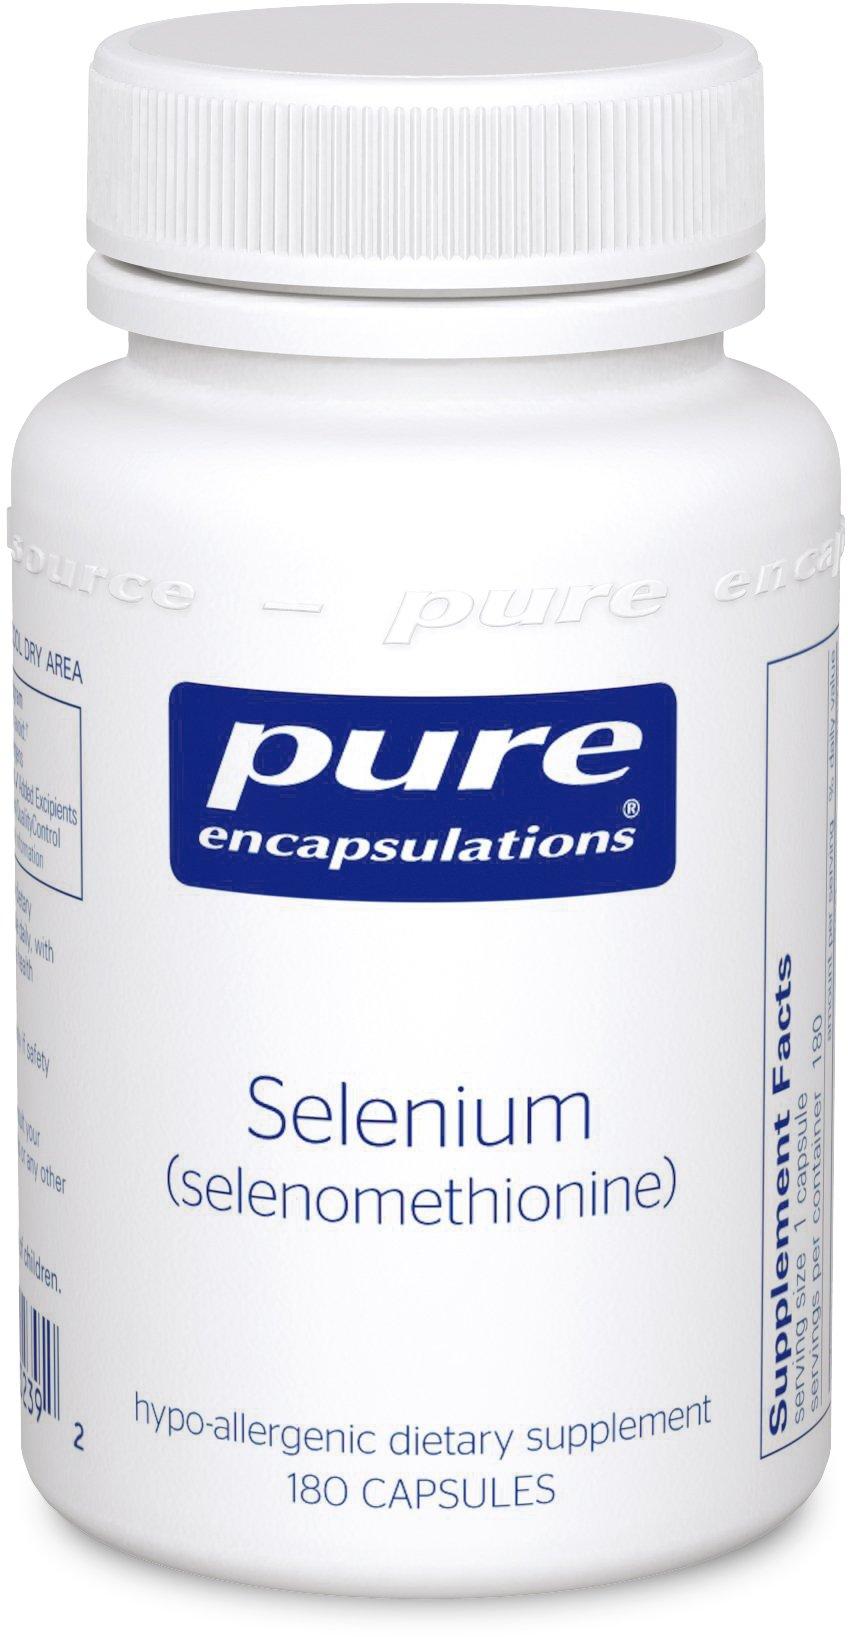 Pure Encapsulations - Selenium (Selenomethionine) - Hypoallergenic Antioxidant Supplement for Immune System Support* - 180 Capsules